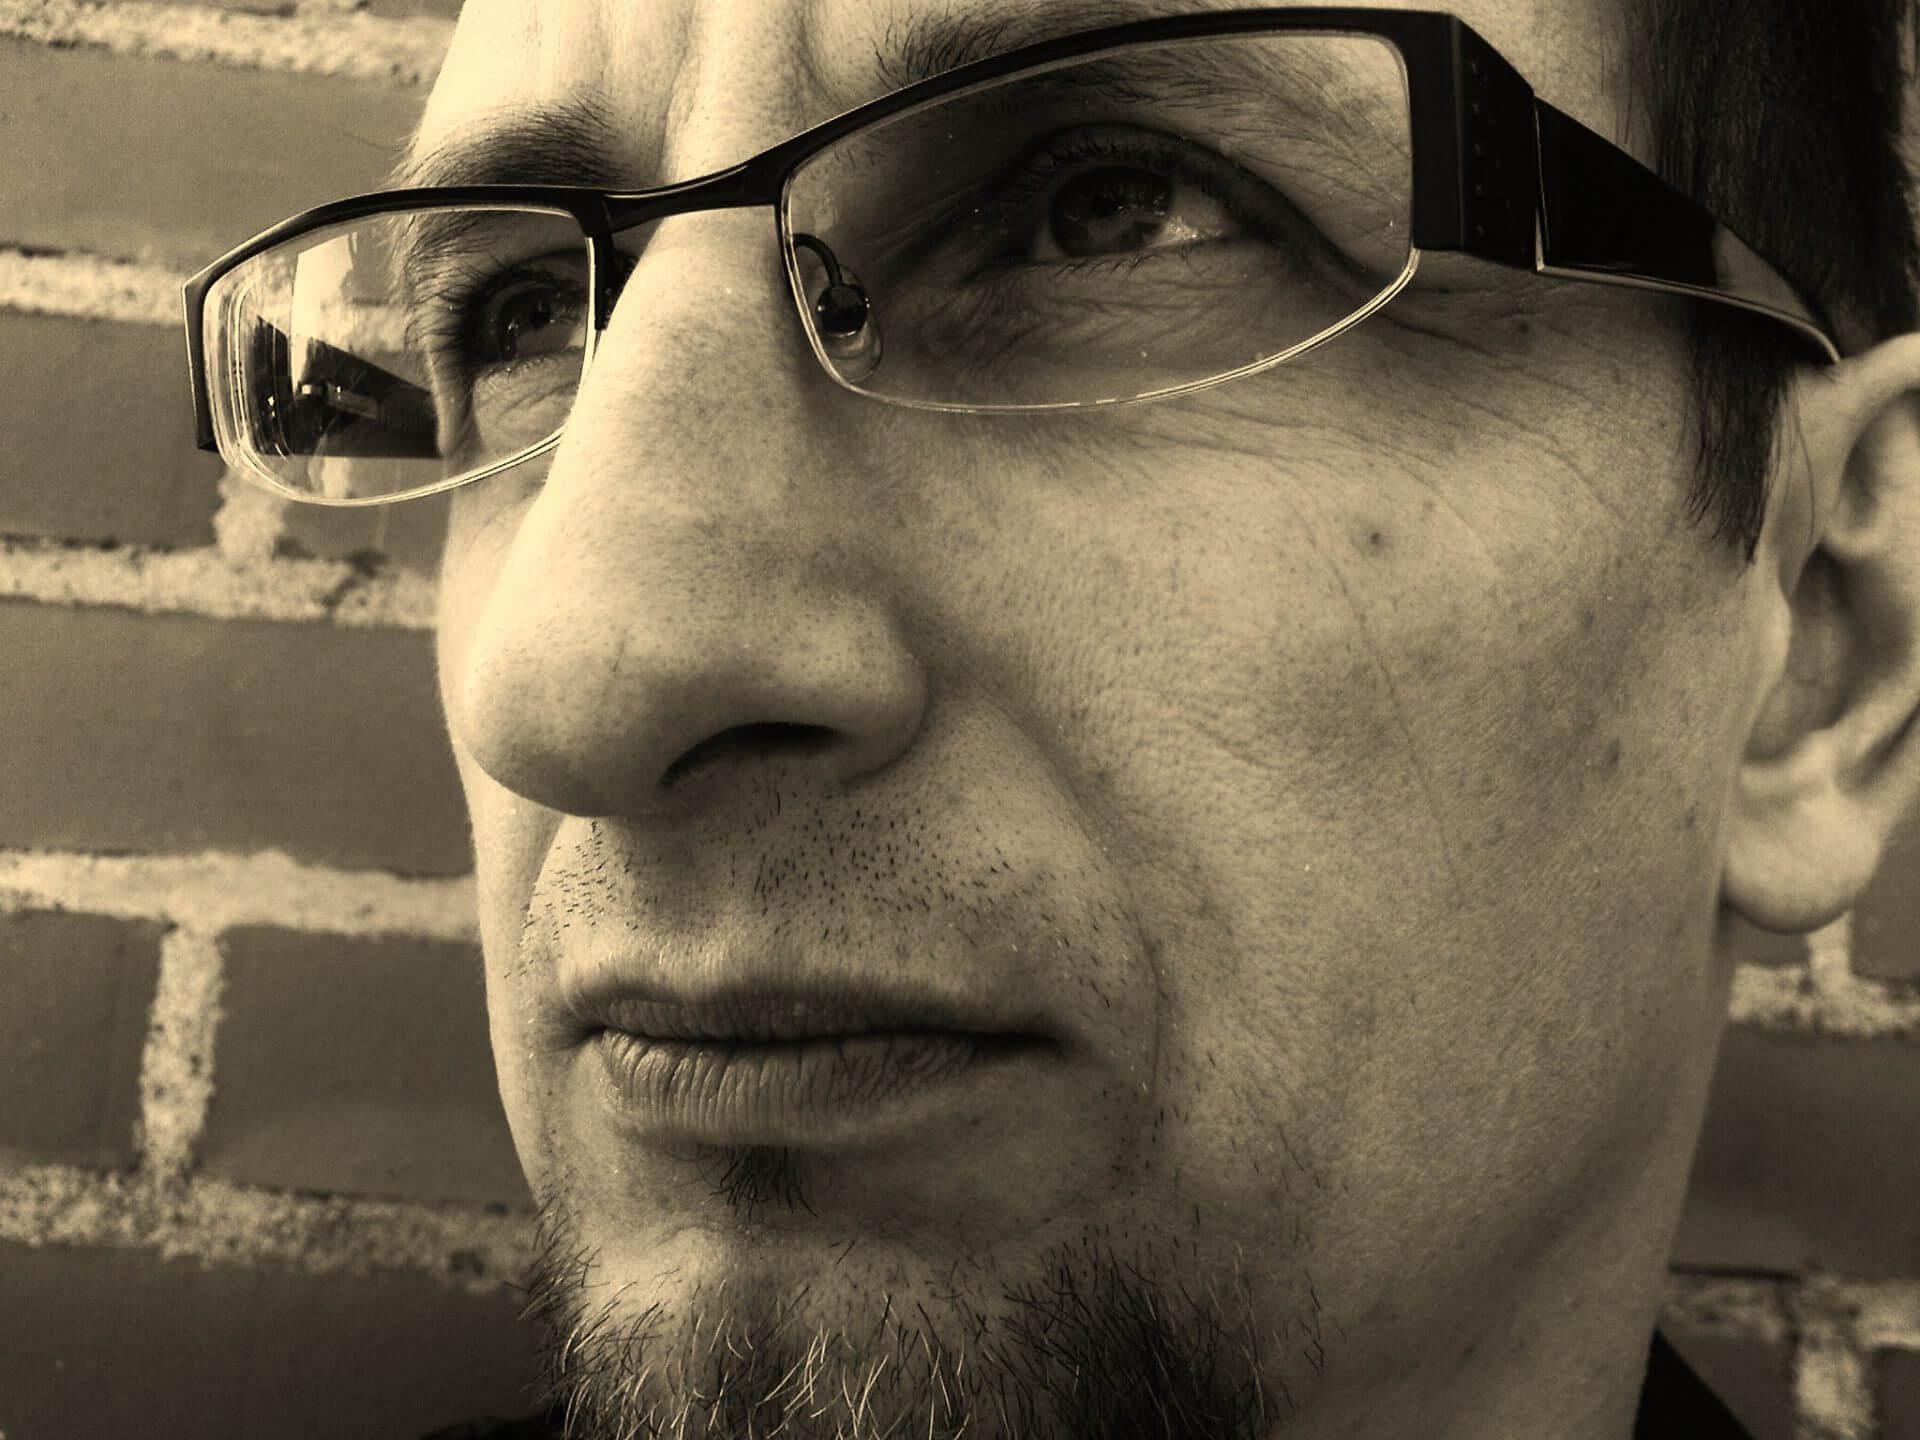 Tomasz Hrynacz